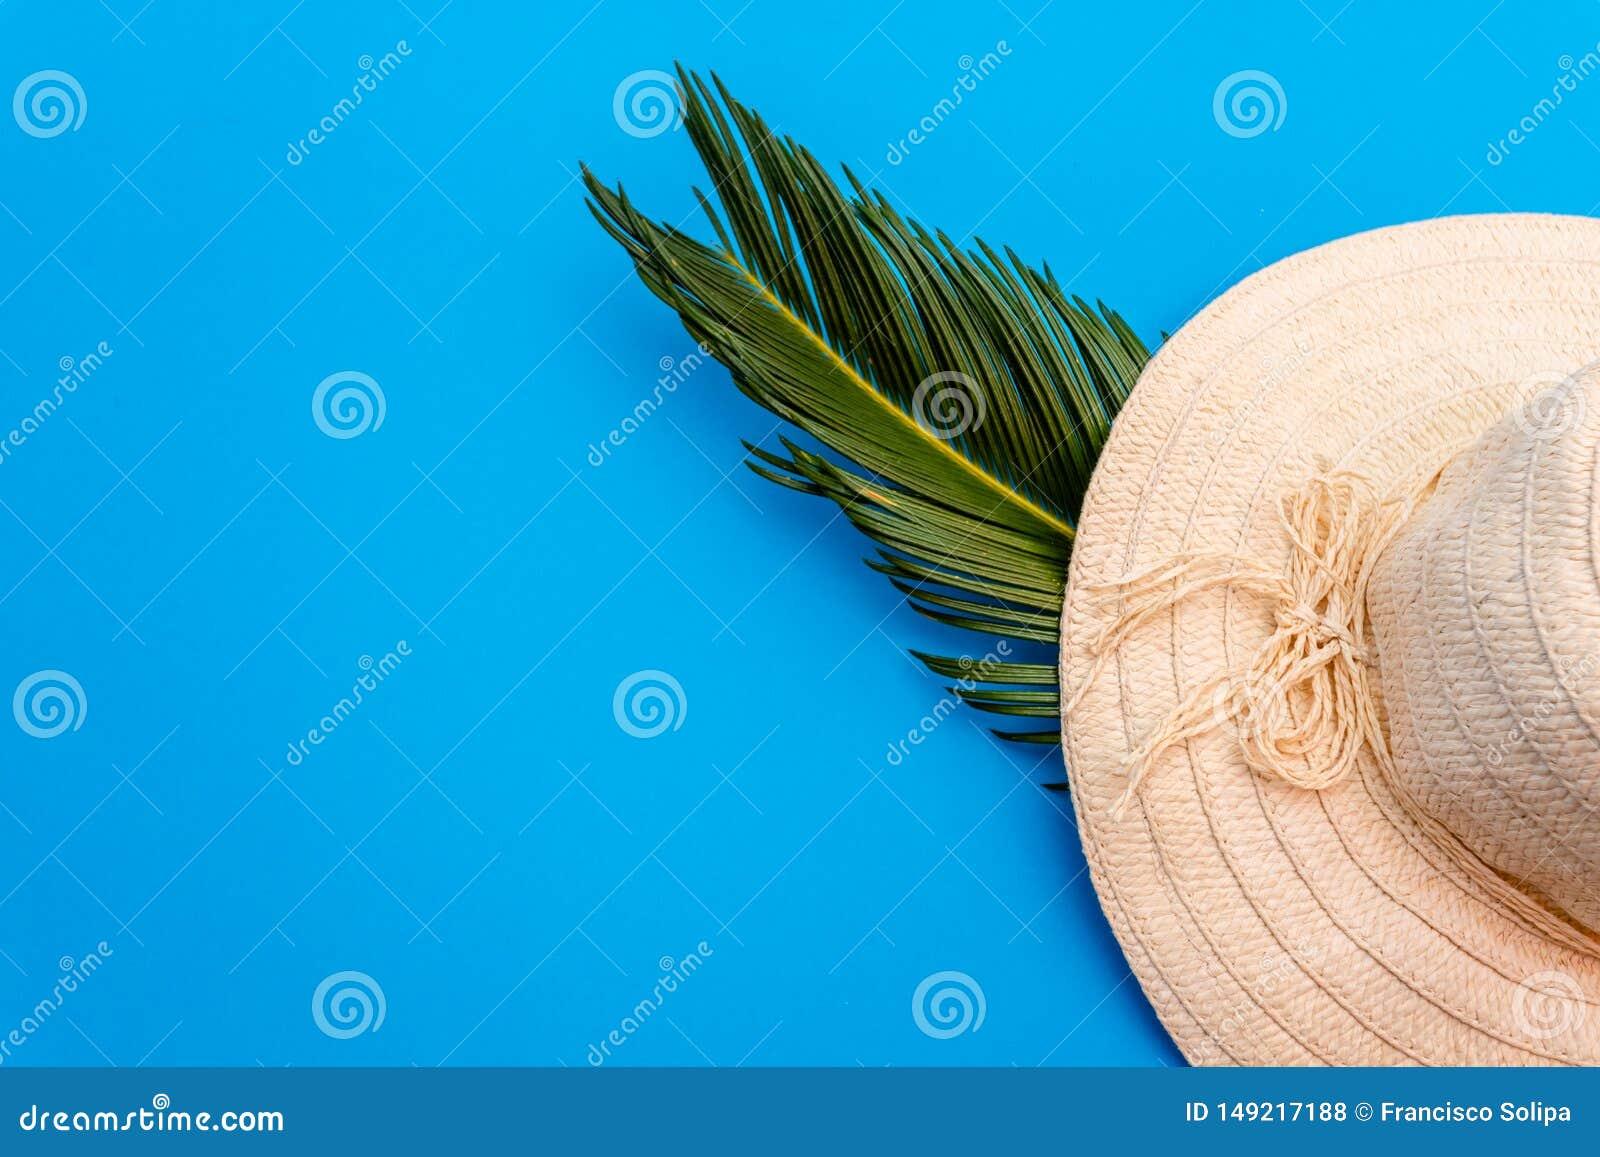 De reizigerstoebehoren, tropisch palmblad vertakken zich op blauwe achtergrond met lege ruimte voor tekst Het concept van de reis